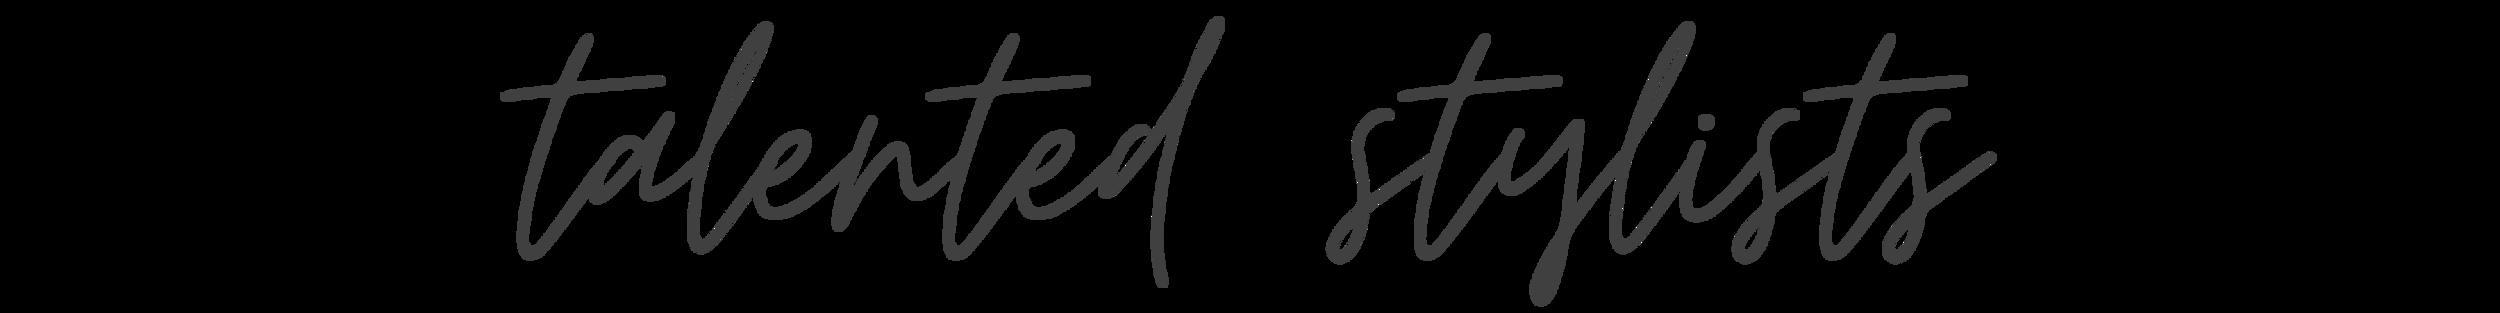 Rouge Panamar Lumi/ères de s/écurit/é /à LED Clips sur Les Feux de Marche /à Pied V/élo /à Piles Feux arri/ère de v/élo Lumi/ères stroboscopiques pour Le Camping /à v/élo